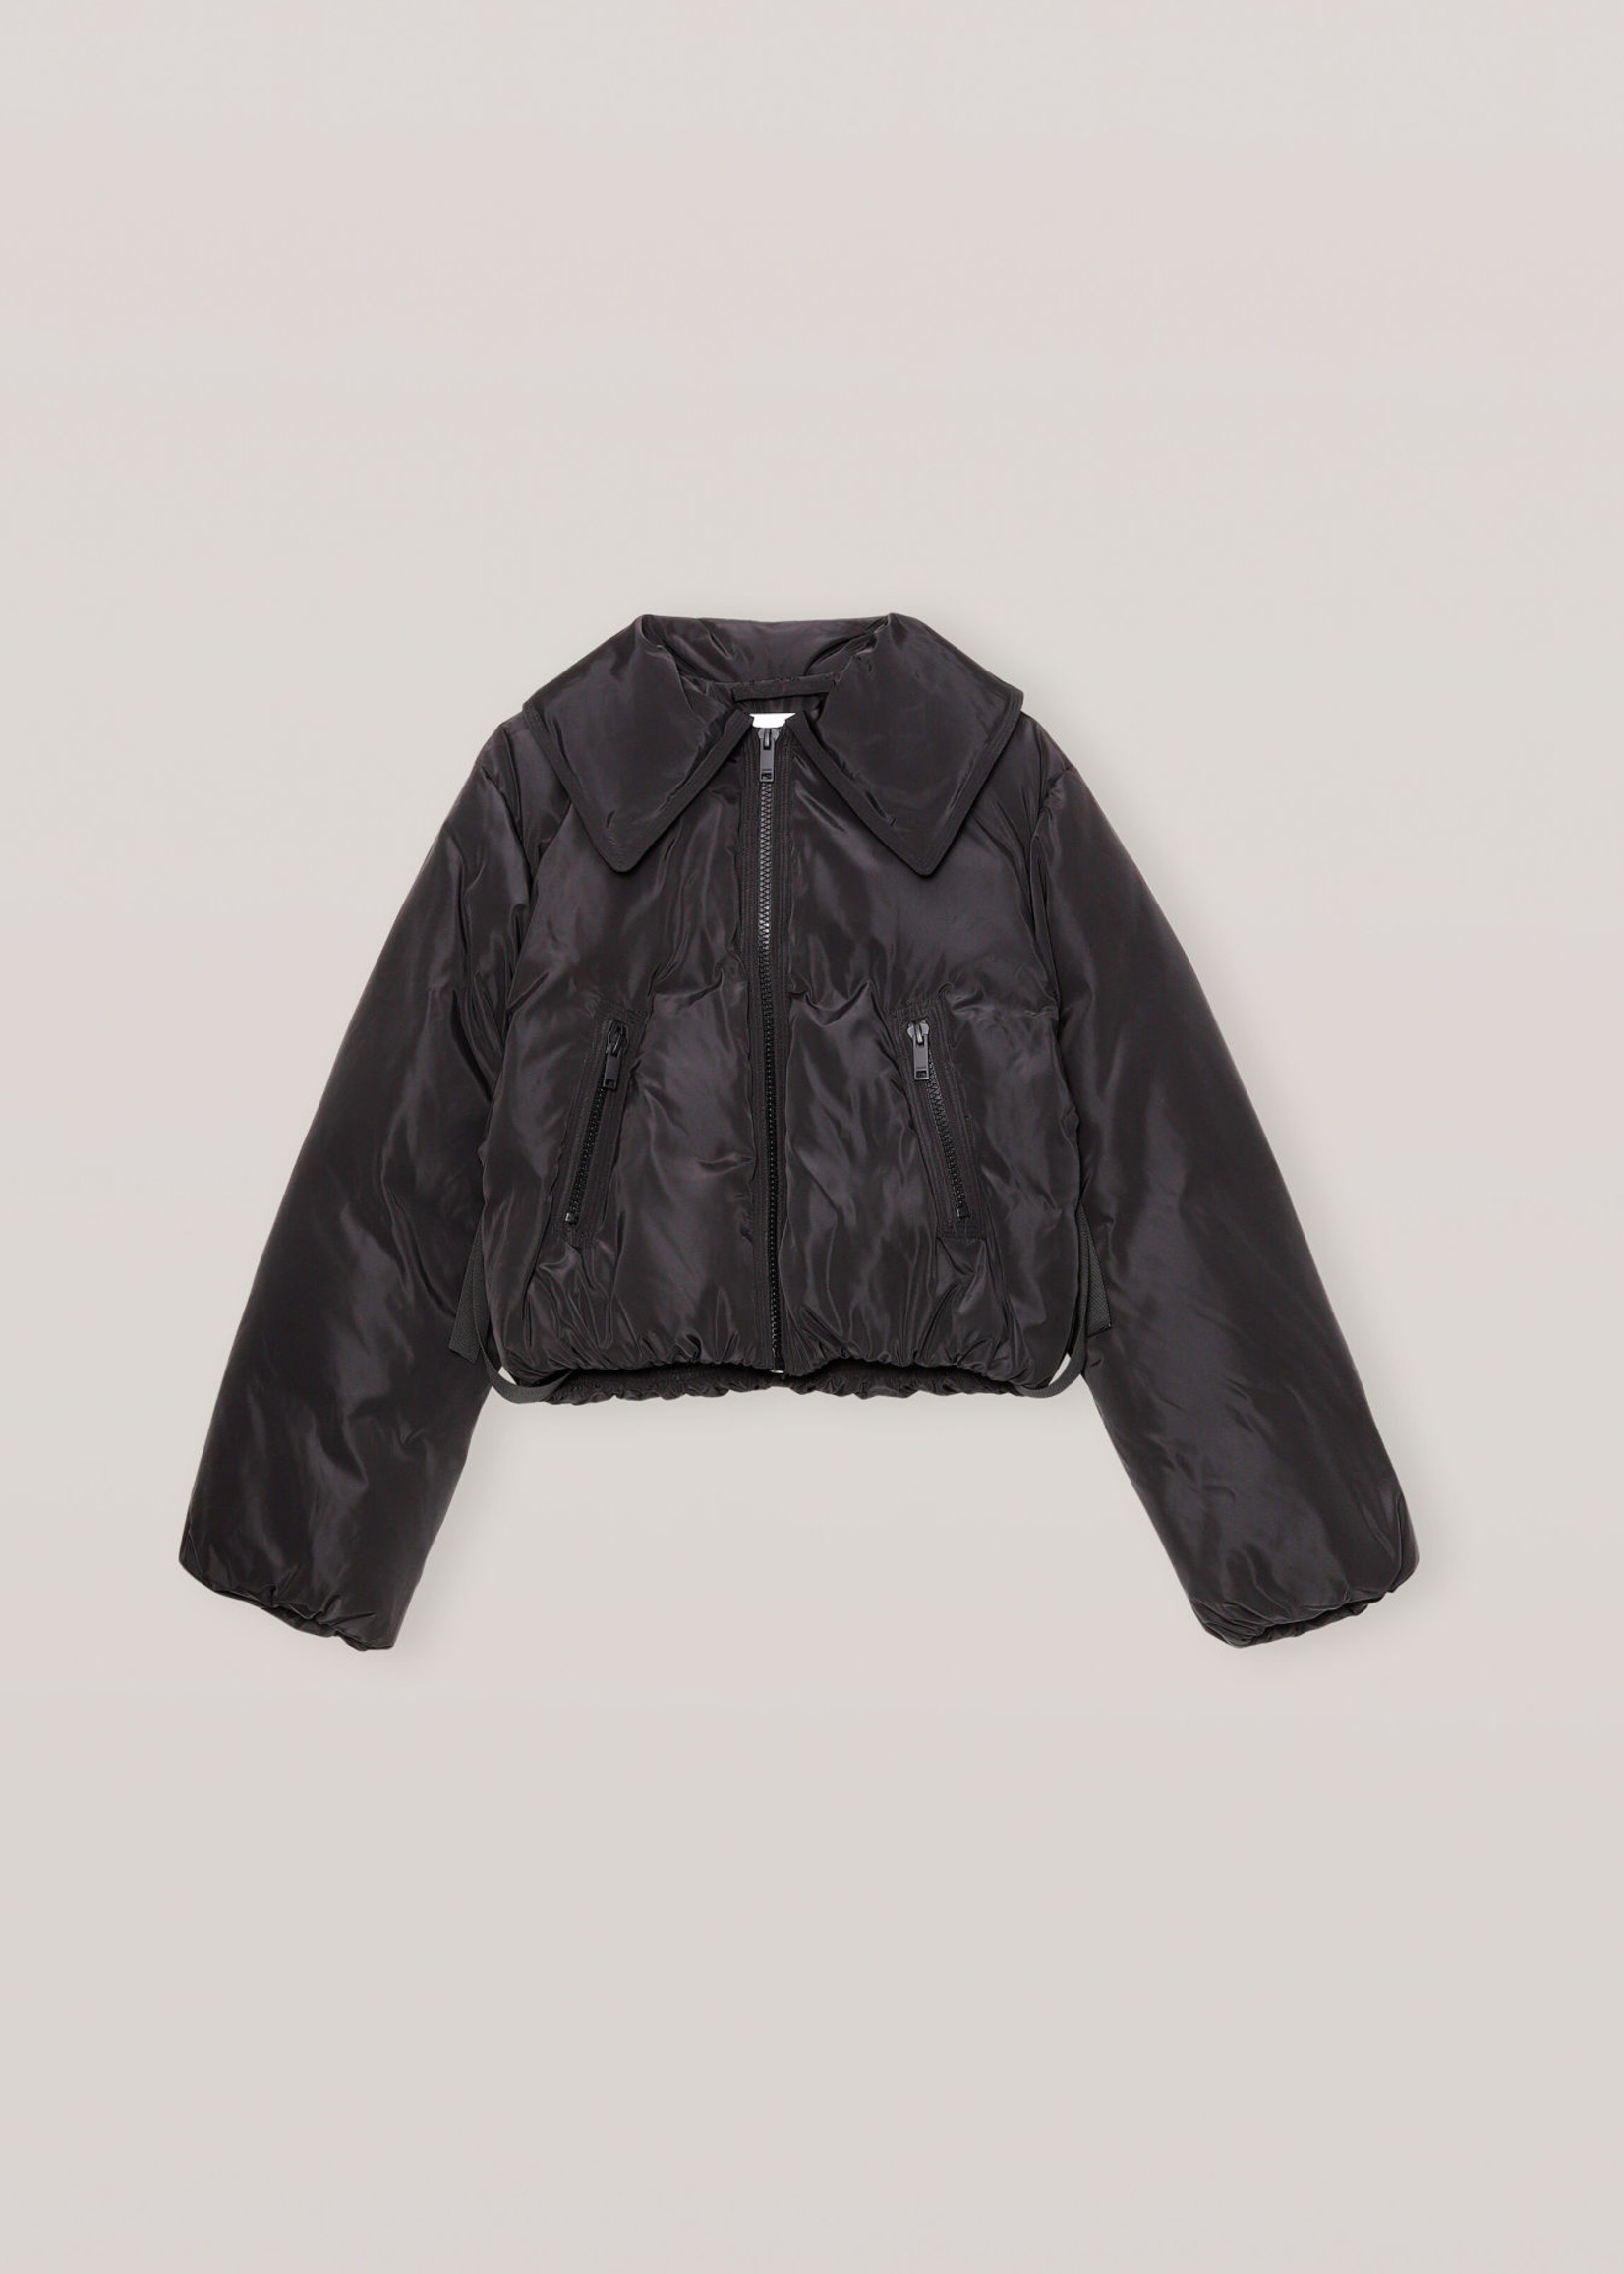 GANNI GANNI Cropped Puffer Jacket in Black